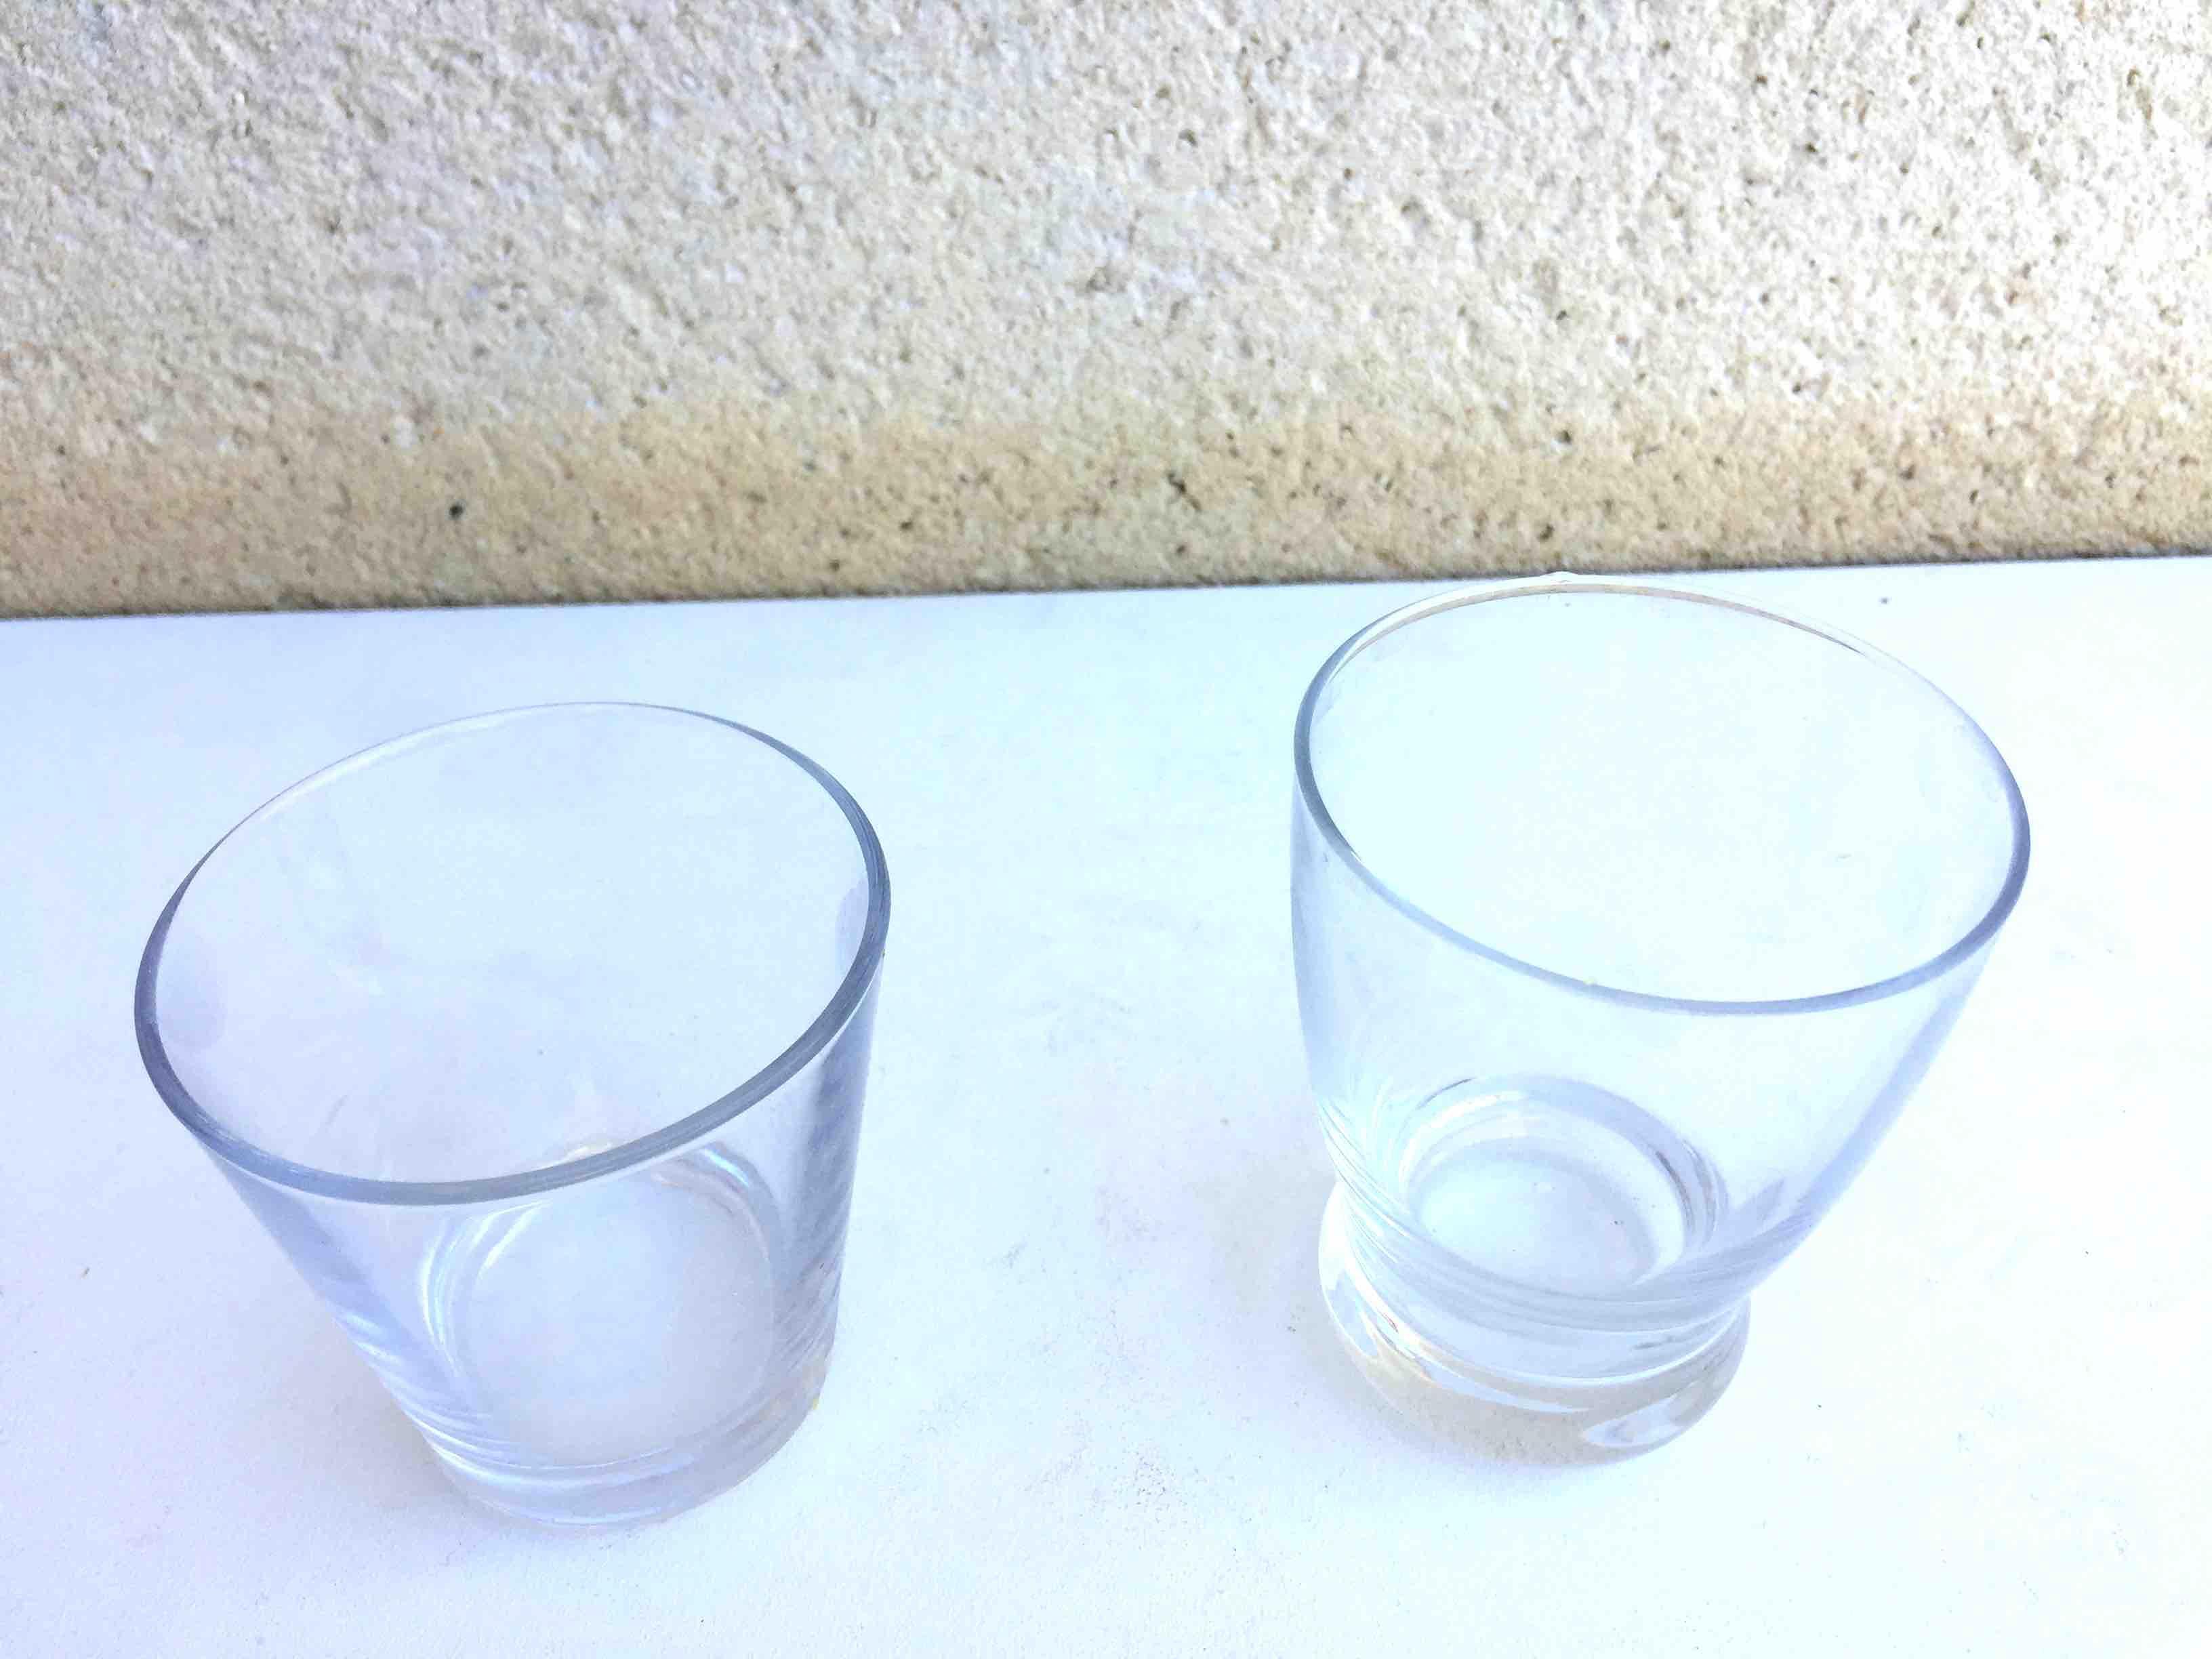 troc de troc * arrêt des trocs jusqu'en aout 2022 * deux petits verres image 0